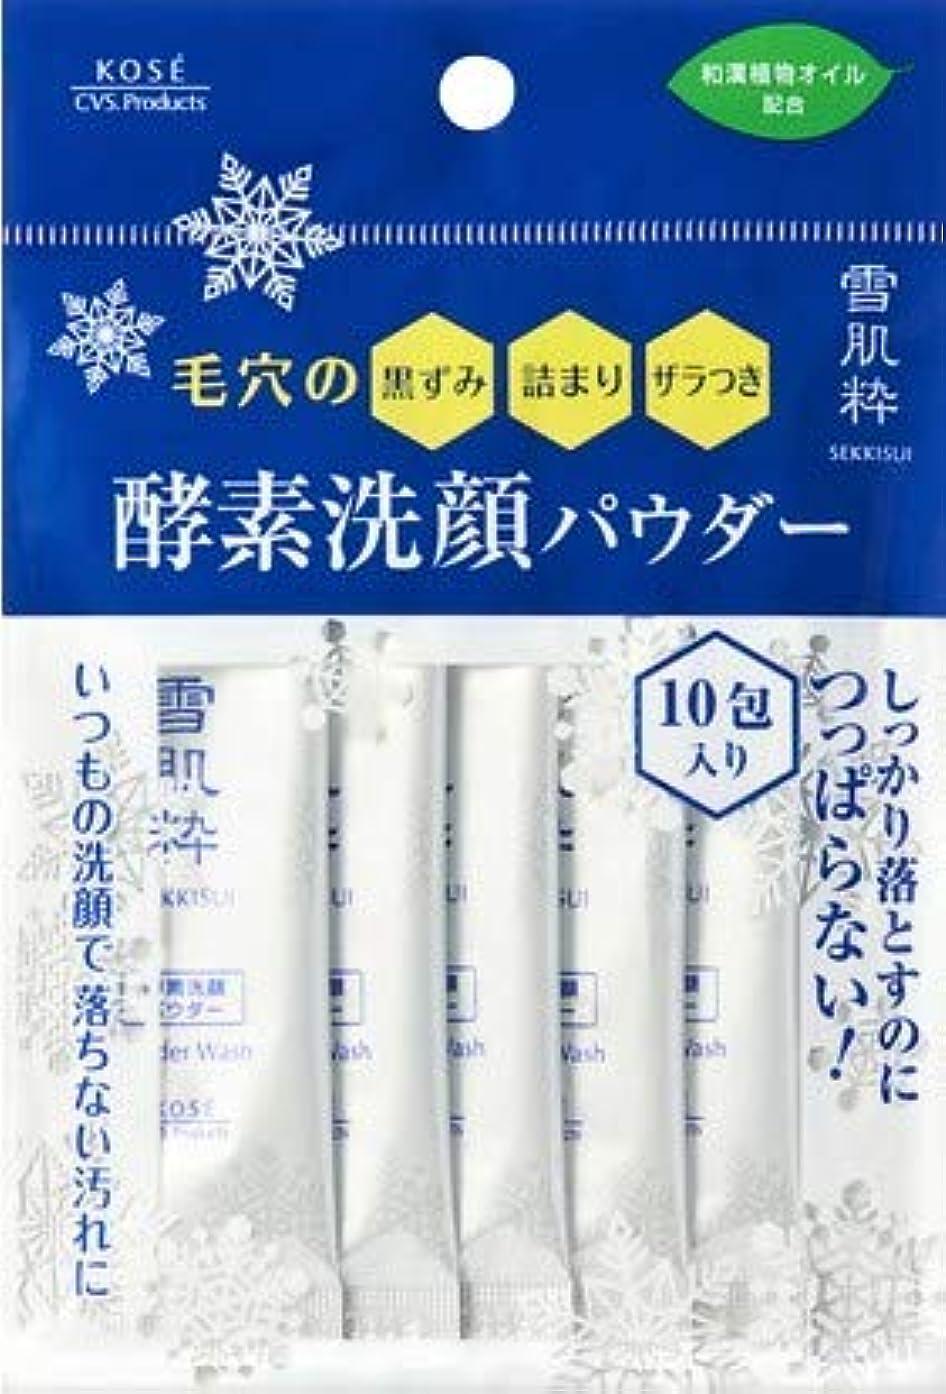 キリストパフ巨大な10包入り 雪肌粋 酵素洗顔パウダー